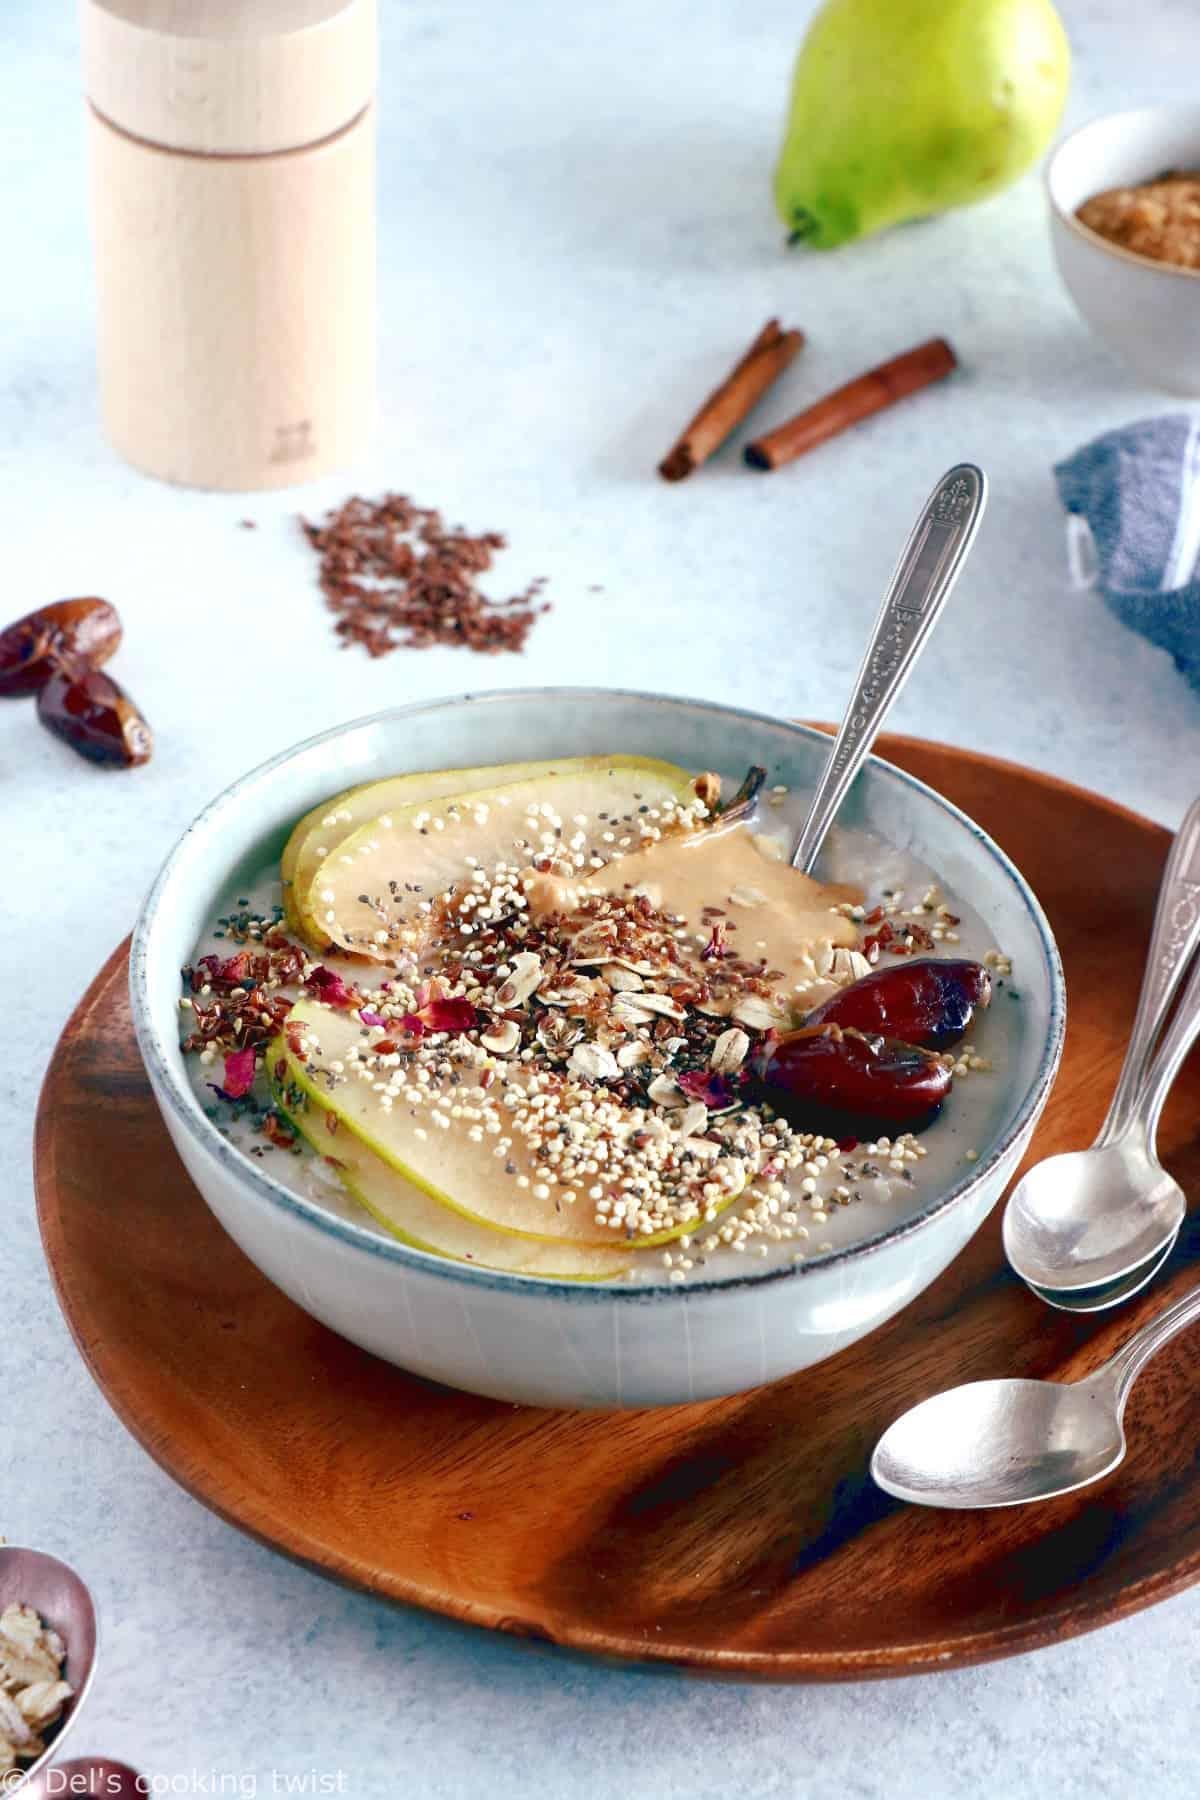 Pour faire le plein de vitalité dès le matin, commencez par vous préparer ce porridge aux fruits, purée de noix de cajou et graines de lin. Un petit déjeuner sain, énergétique, gourmand et prêt en 5 minutes.